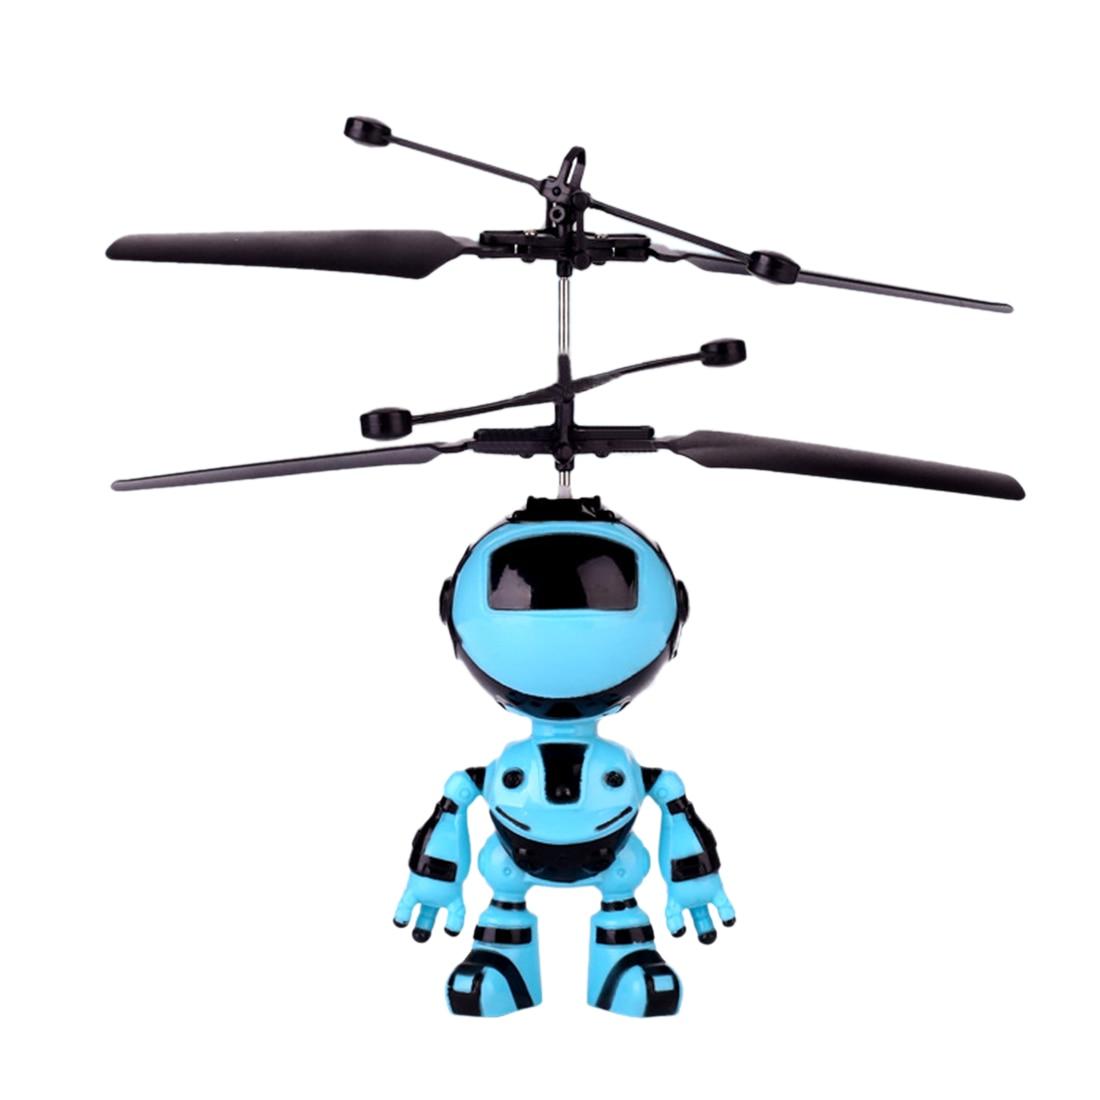 Мигающий индукционный подвесной самолет летающая игрушка ручной Летающий мини-робот с СВЕТОДИОДНЫЙ Красочный светильник для малыша-робот...